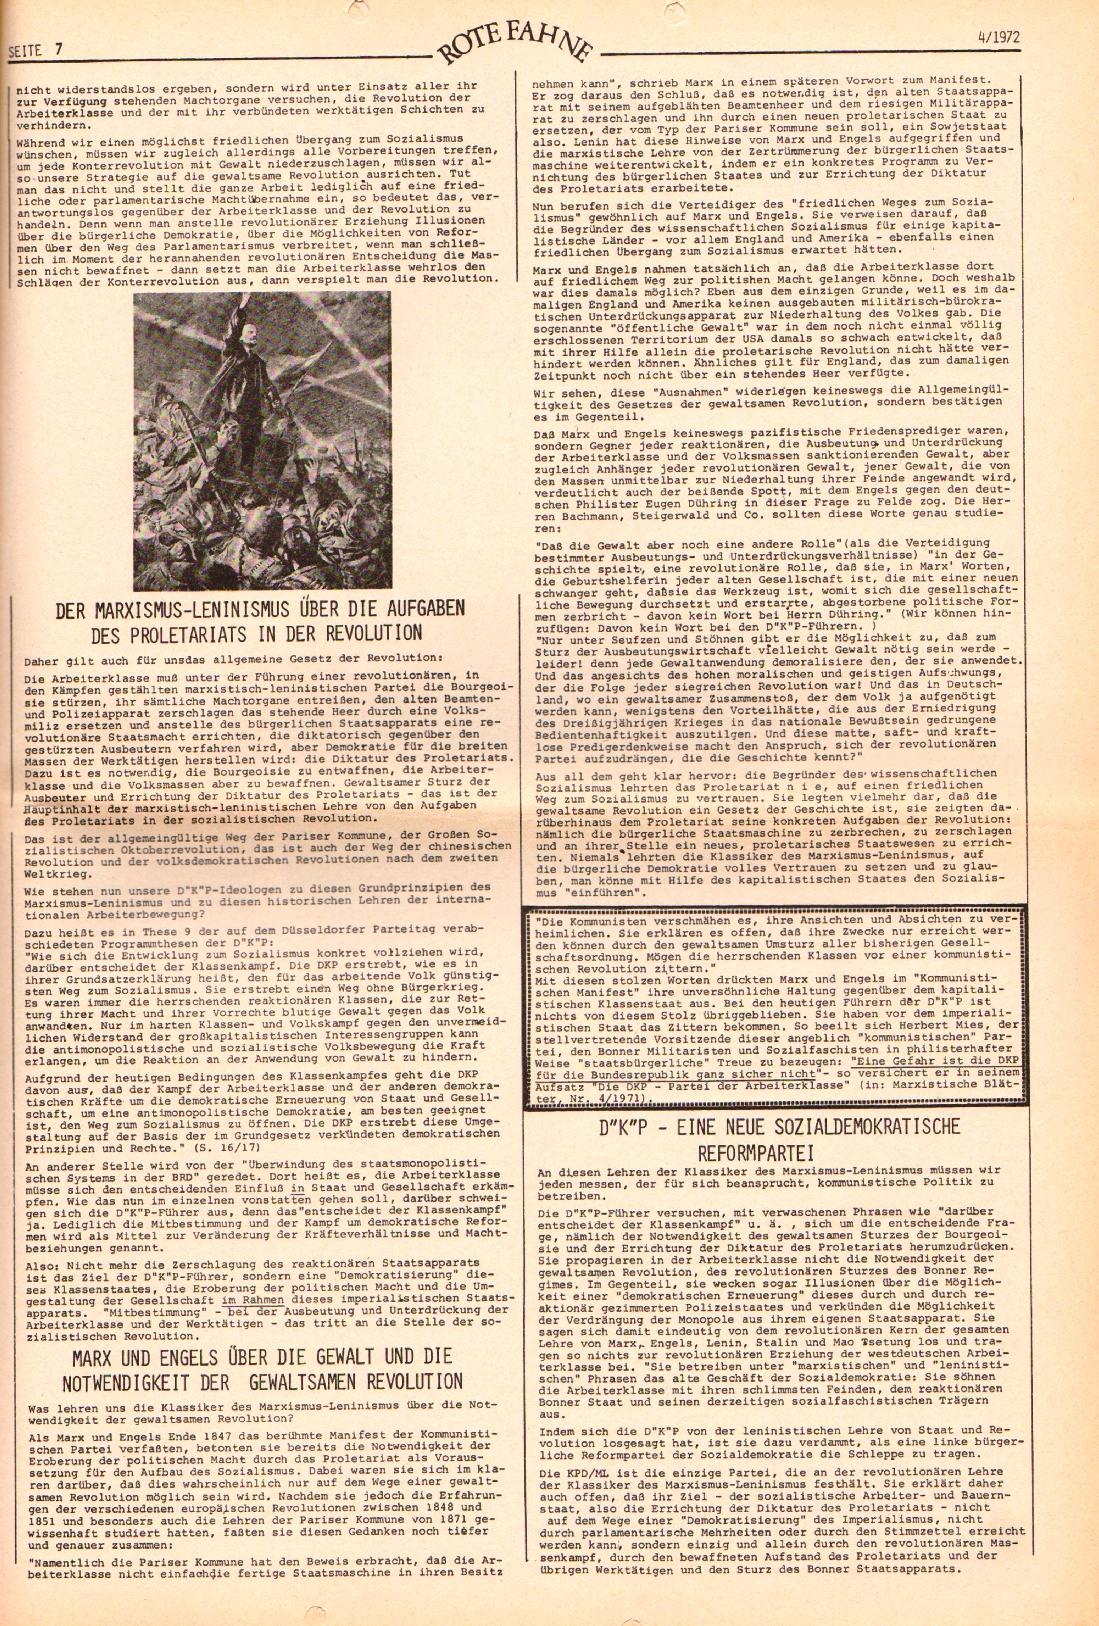 Rote Fahne, 3. Jg., 21.2.1972, Nr. 4, Seite 7